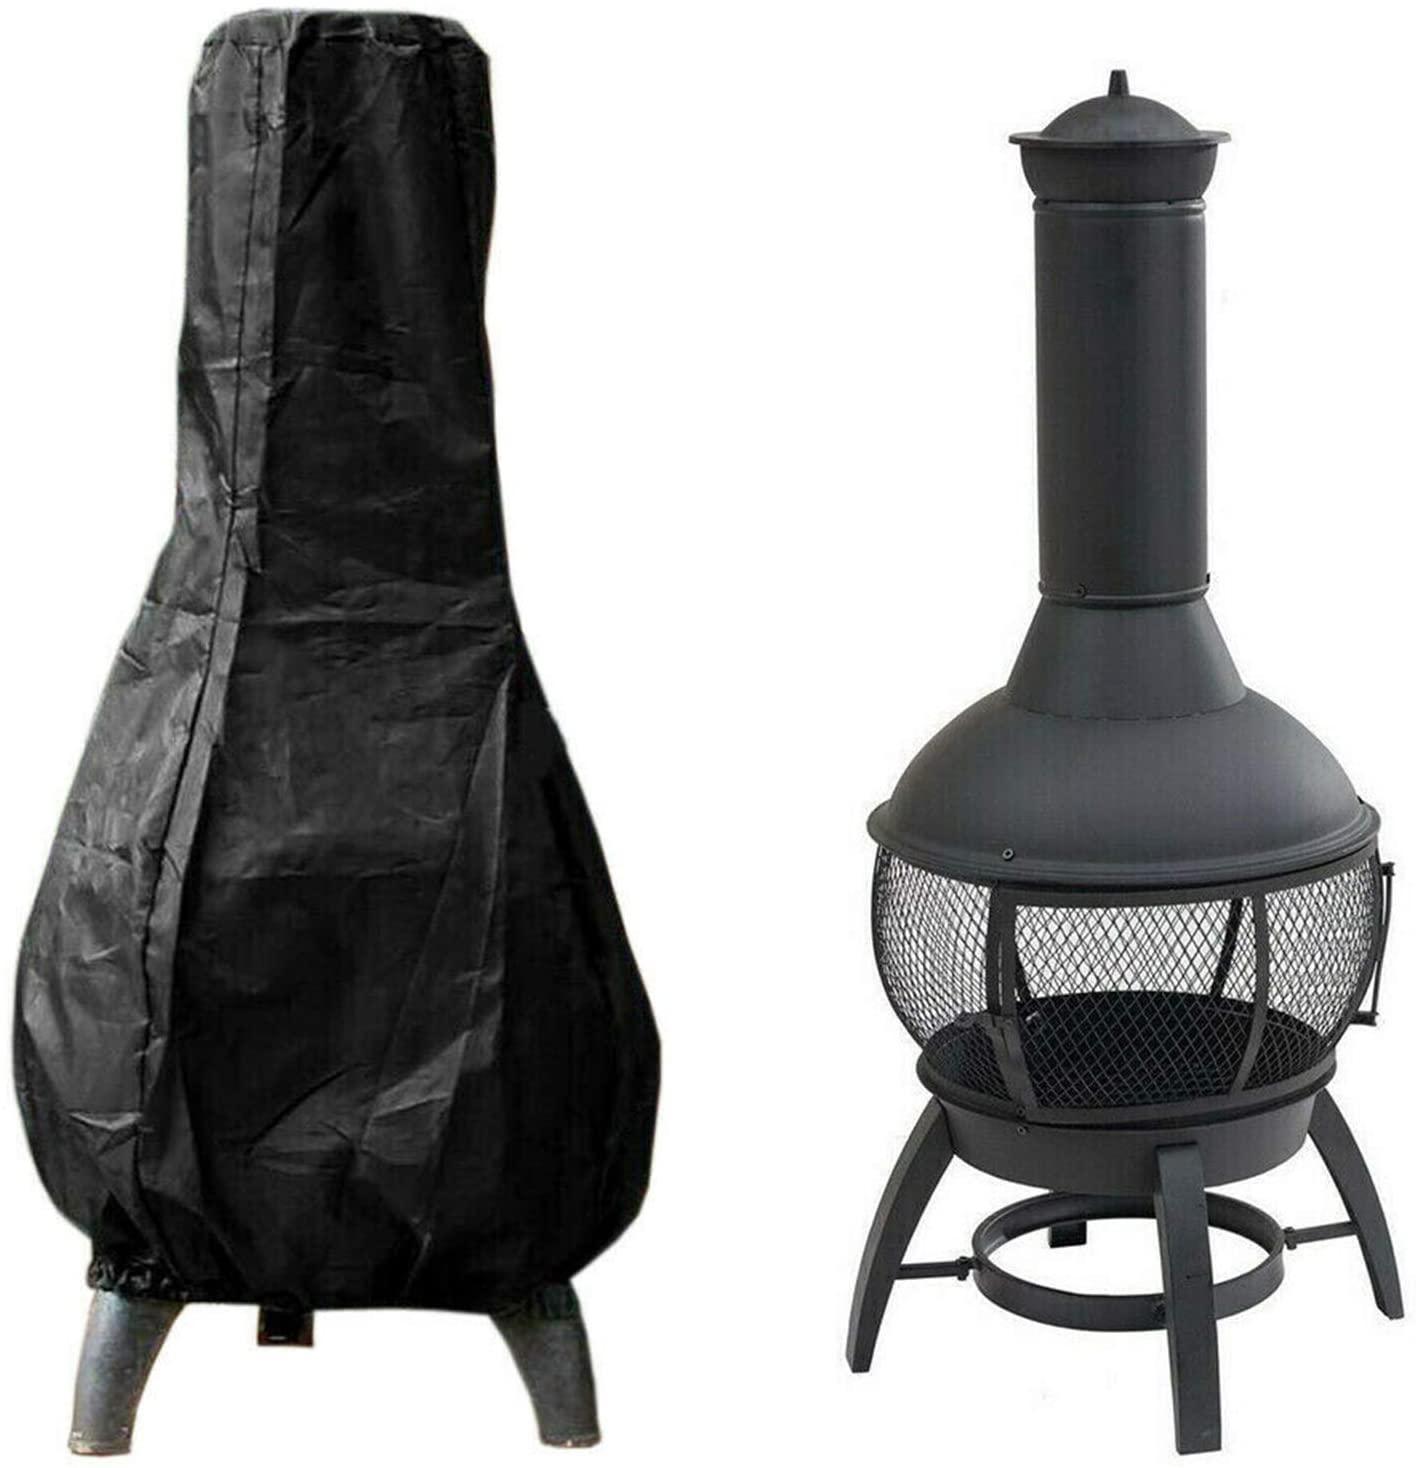 야외 파티오 치미나 커버 방수 정원 파티오 히터 스토브 먼지 커버 야외 뒷마당화재 구덩이 히터 보호 커버 (블랙)